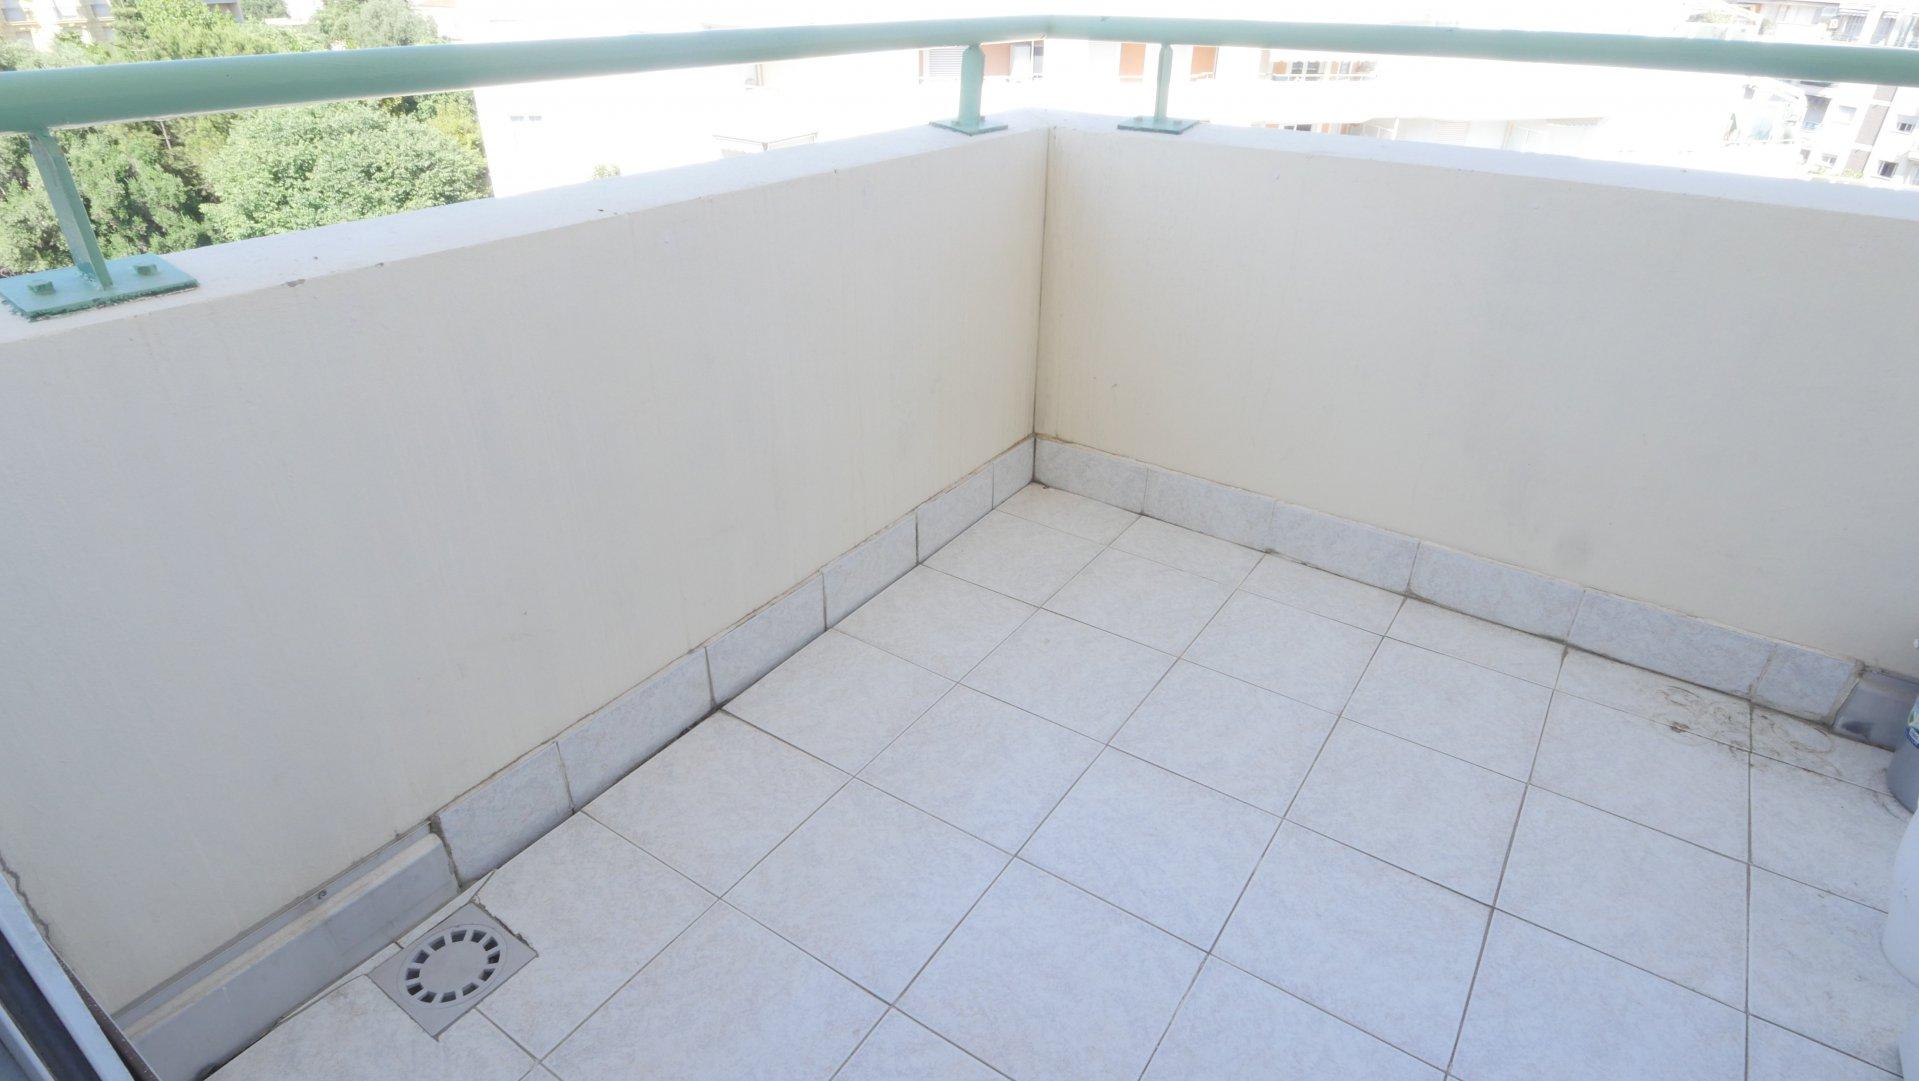 RUE DE FRANCE, 2 pièces avec balcon et cave